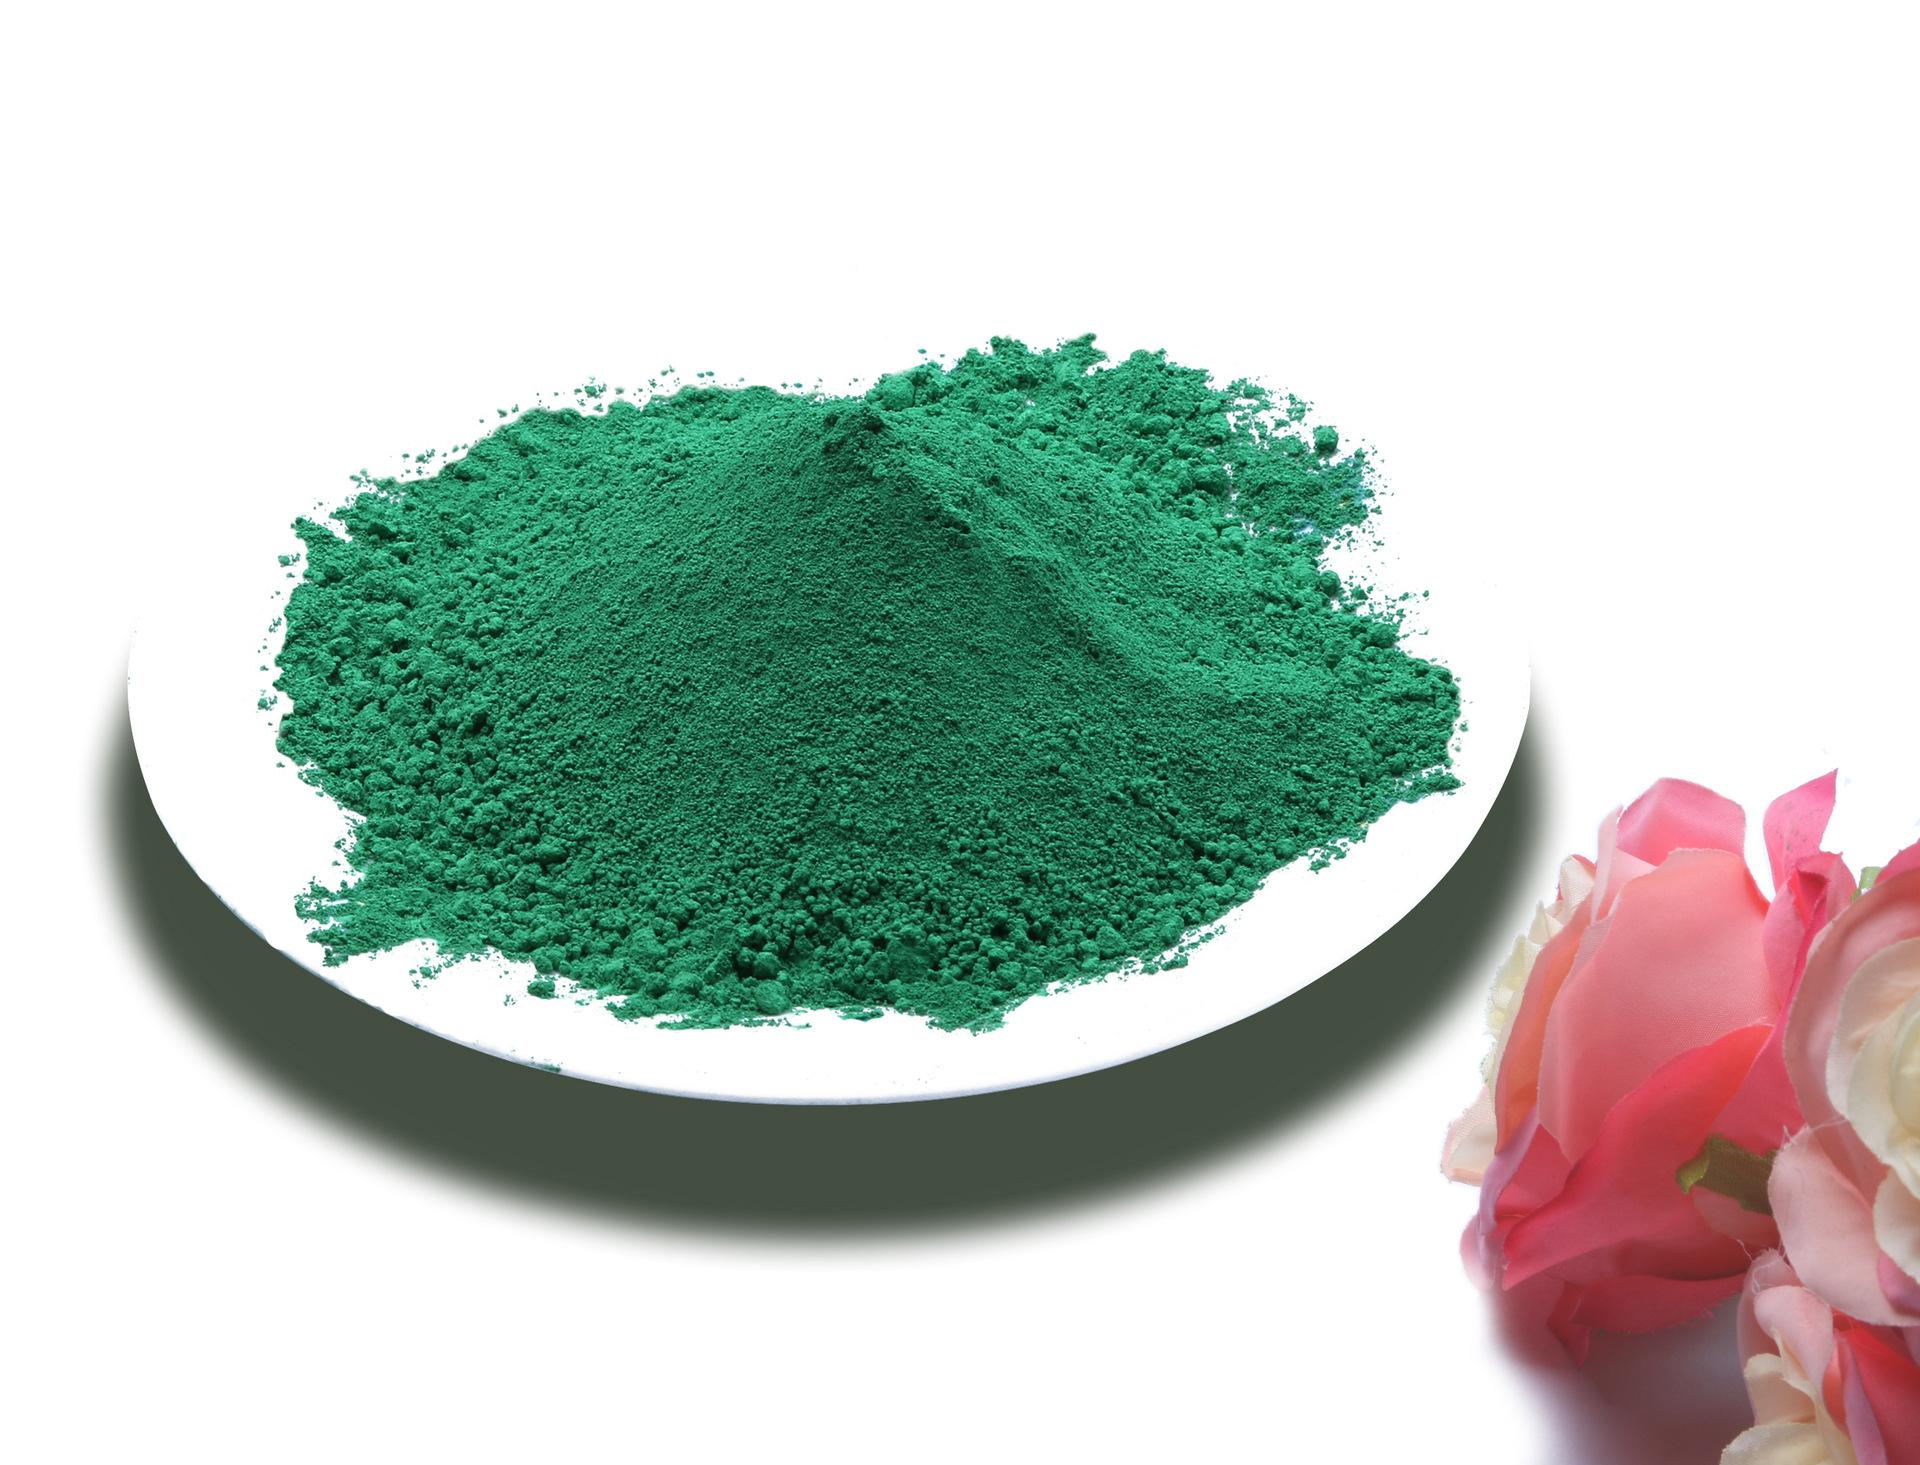 YINGXUN Bột màu vô cơ Cung cấp dài hạn Màu xanh coban Các sắc tố vô cơ thân thiện với môi trường Các